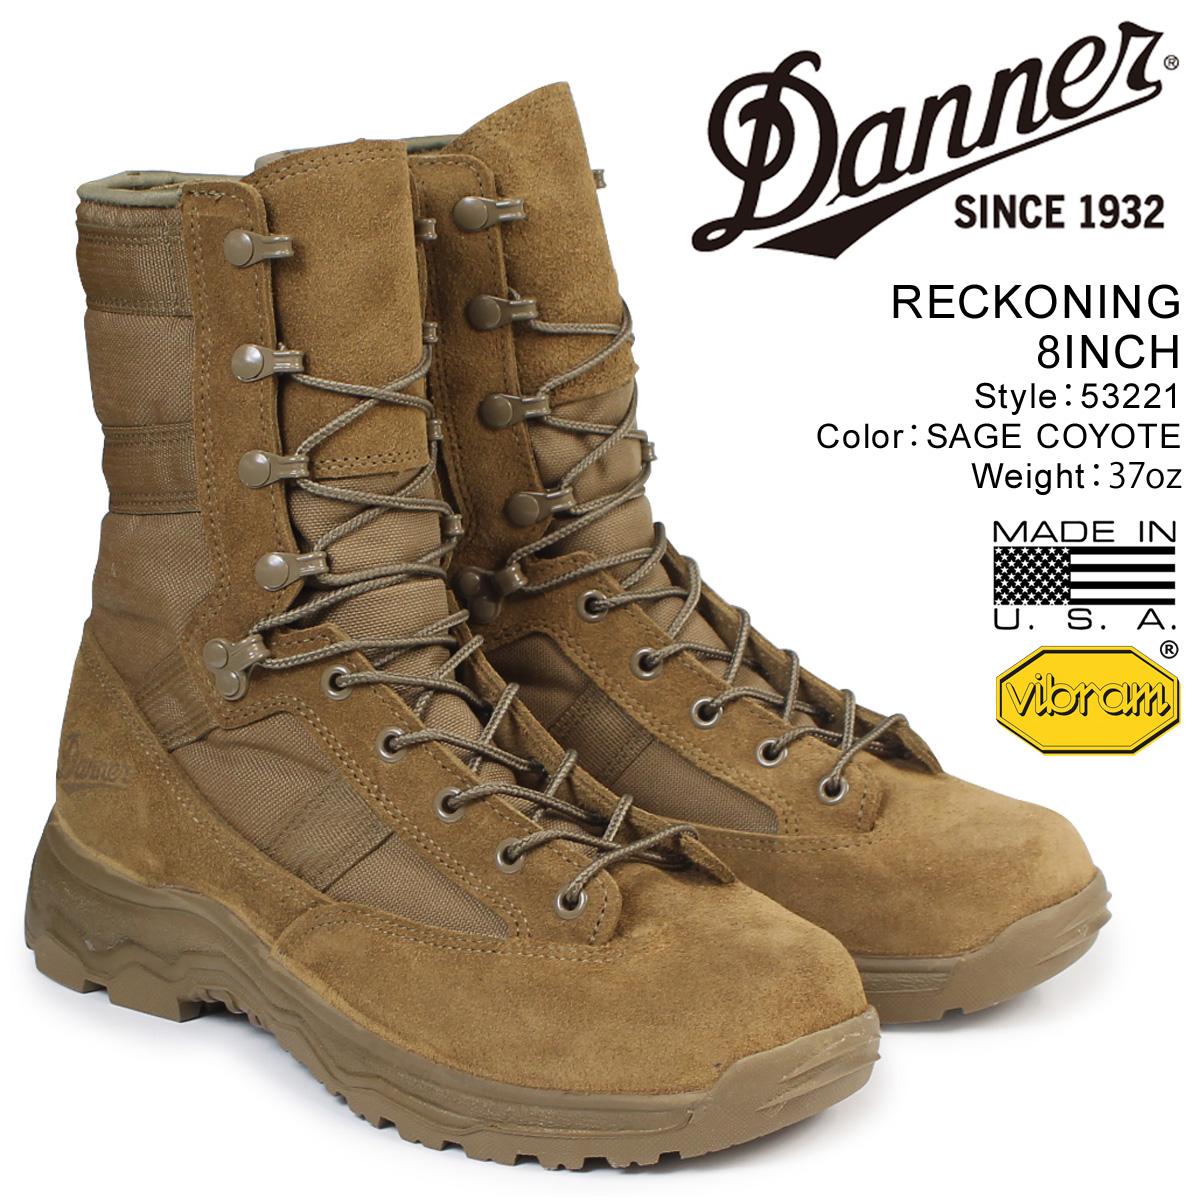 DANNER ブーツ ダナー RECKONING 8INCH 53221 メンズ ブラウン